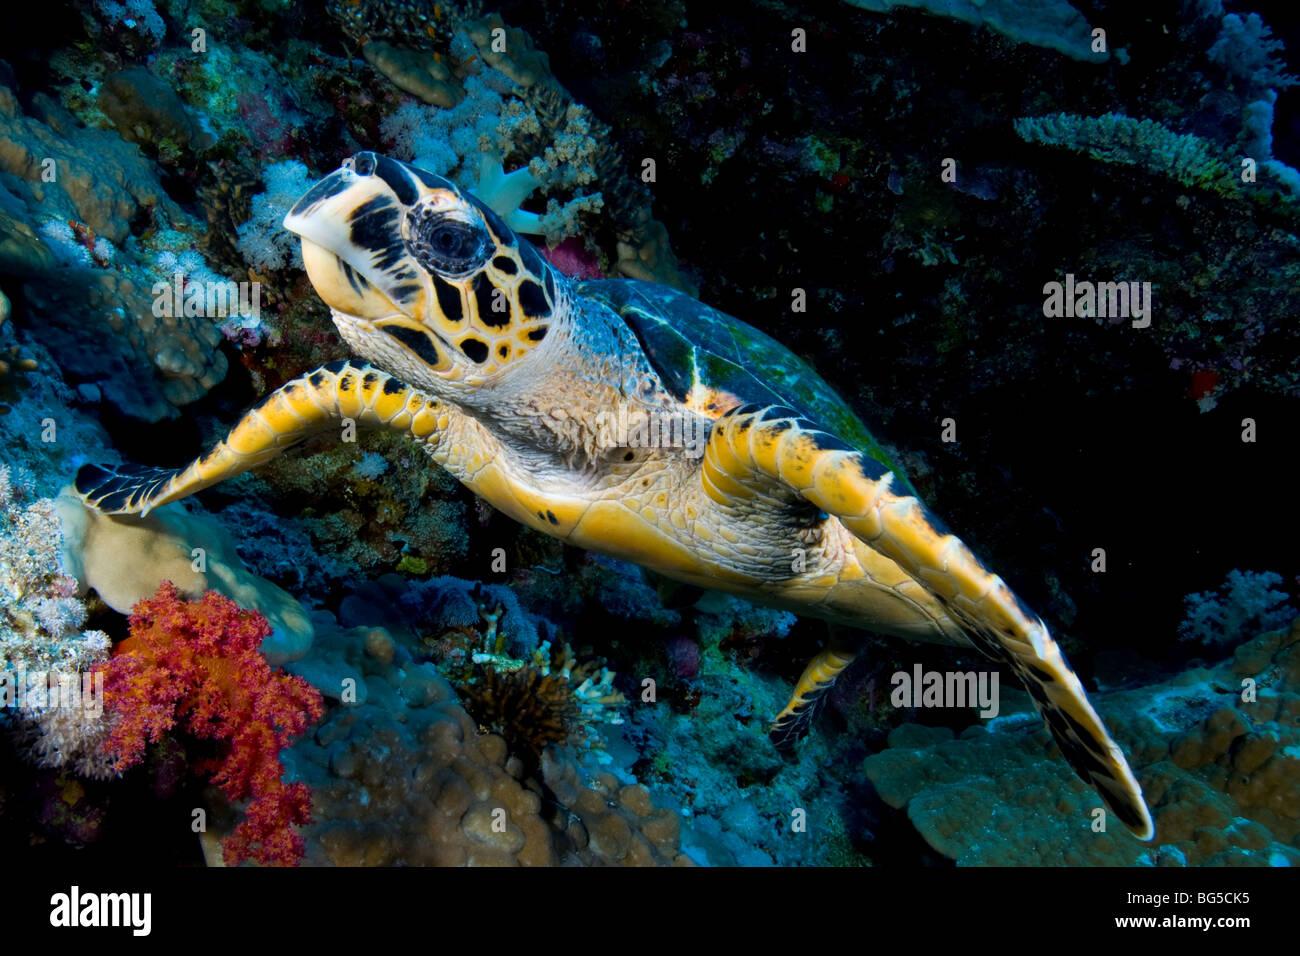 Barriere coralline del Mar Rosso, Ras Mohammed, parco nazionale, la tartaruga, oceano, scuba, subacquea, sull'oceano, Immagini Stock